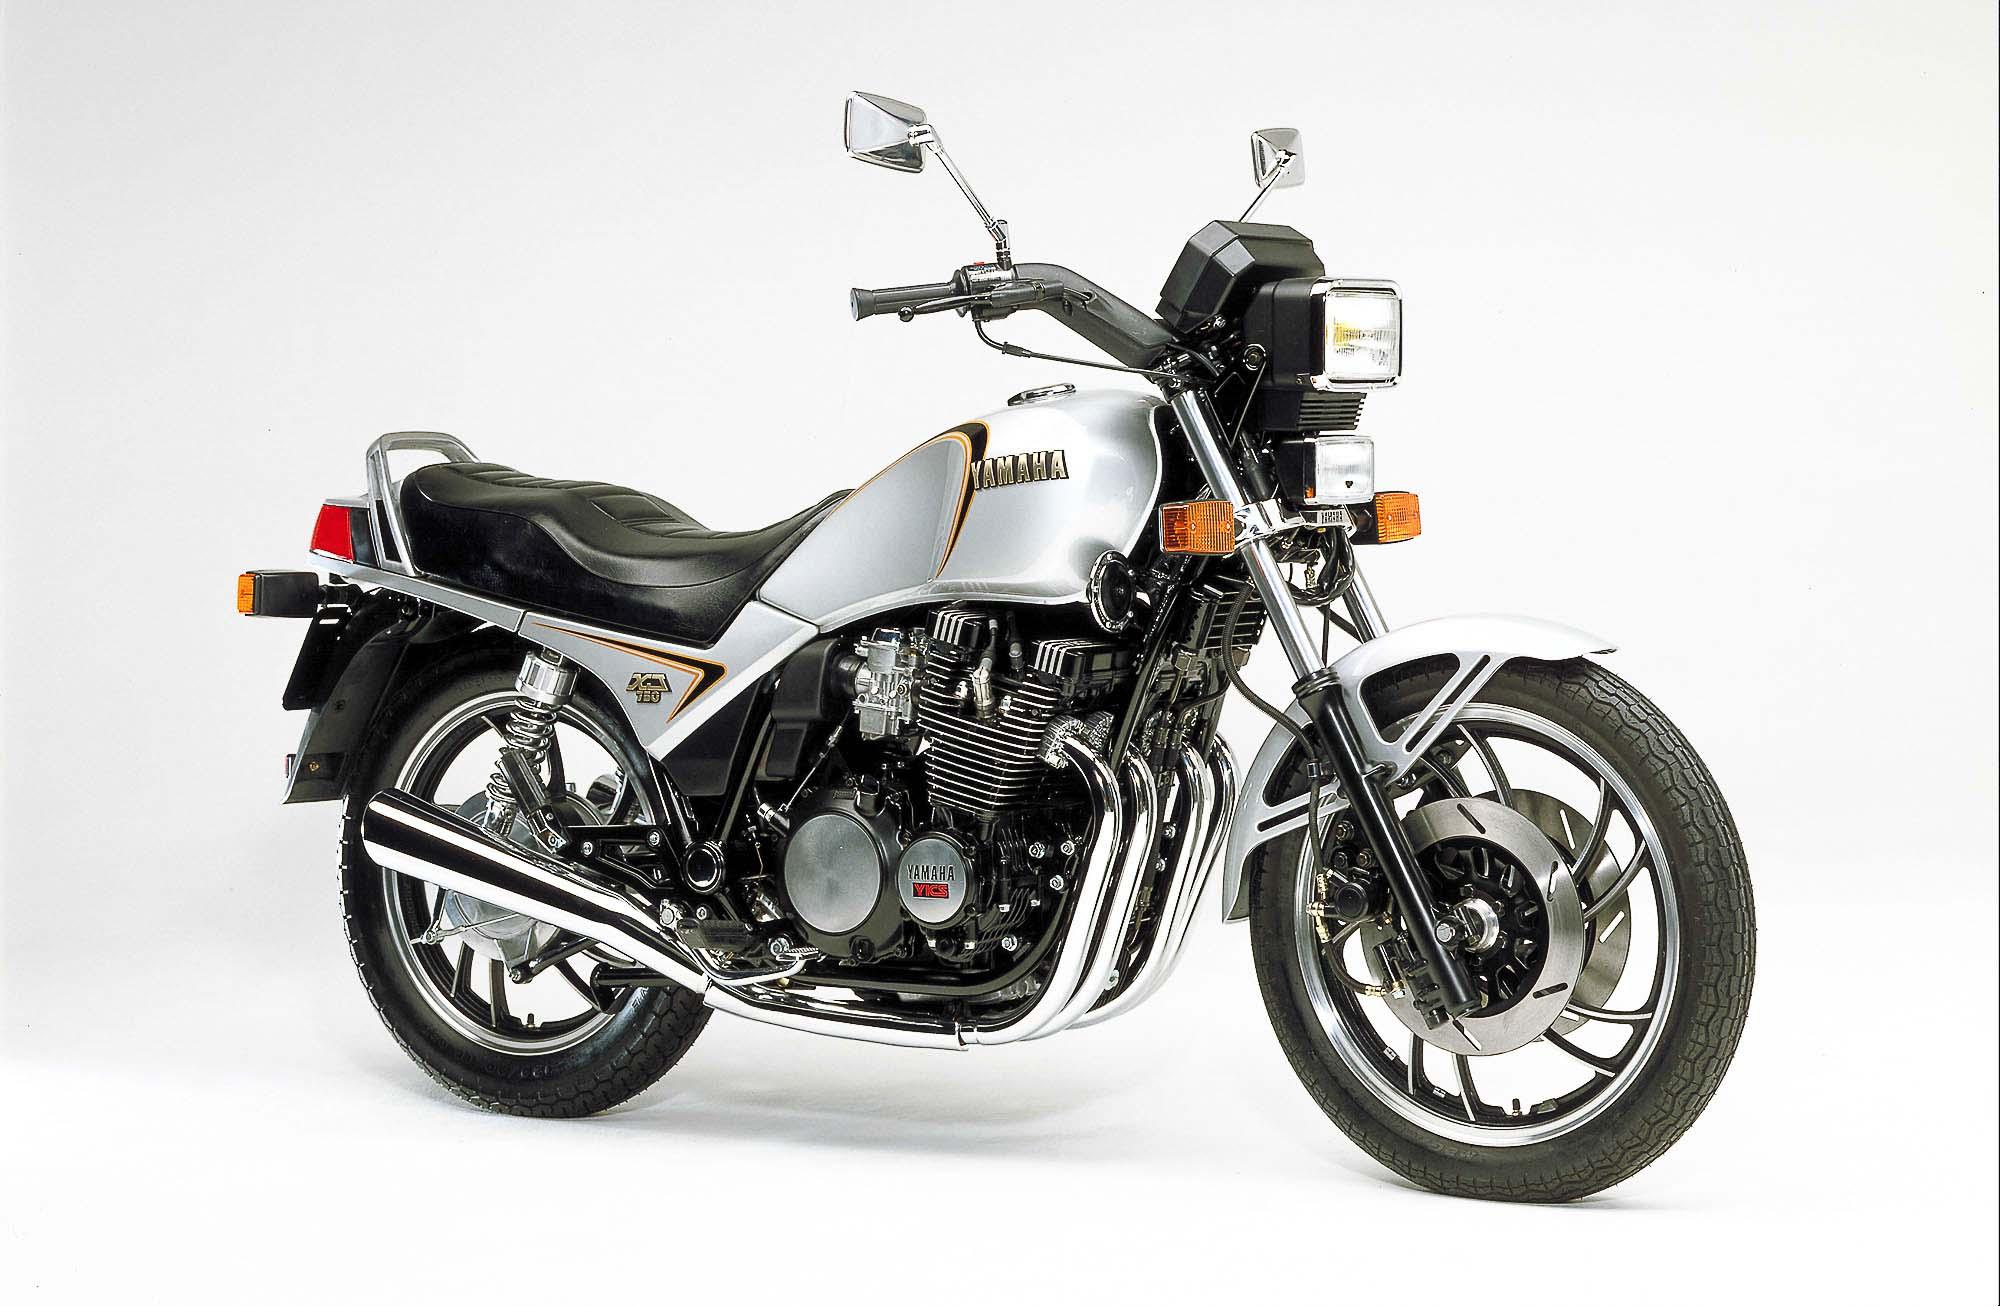 YAMAHA XJ 750 (1982 - 1984)